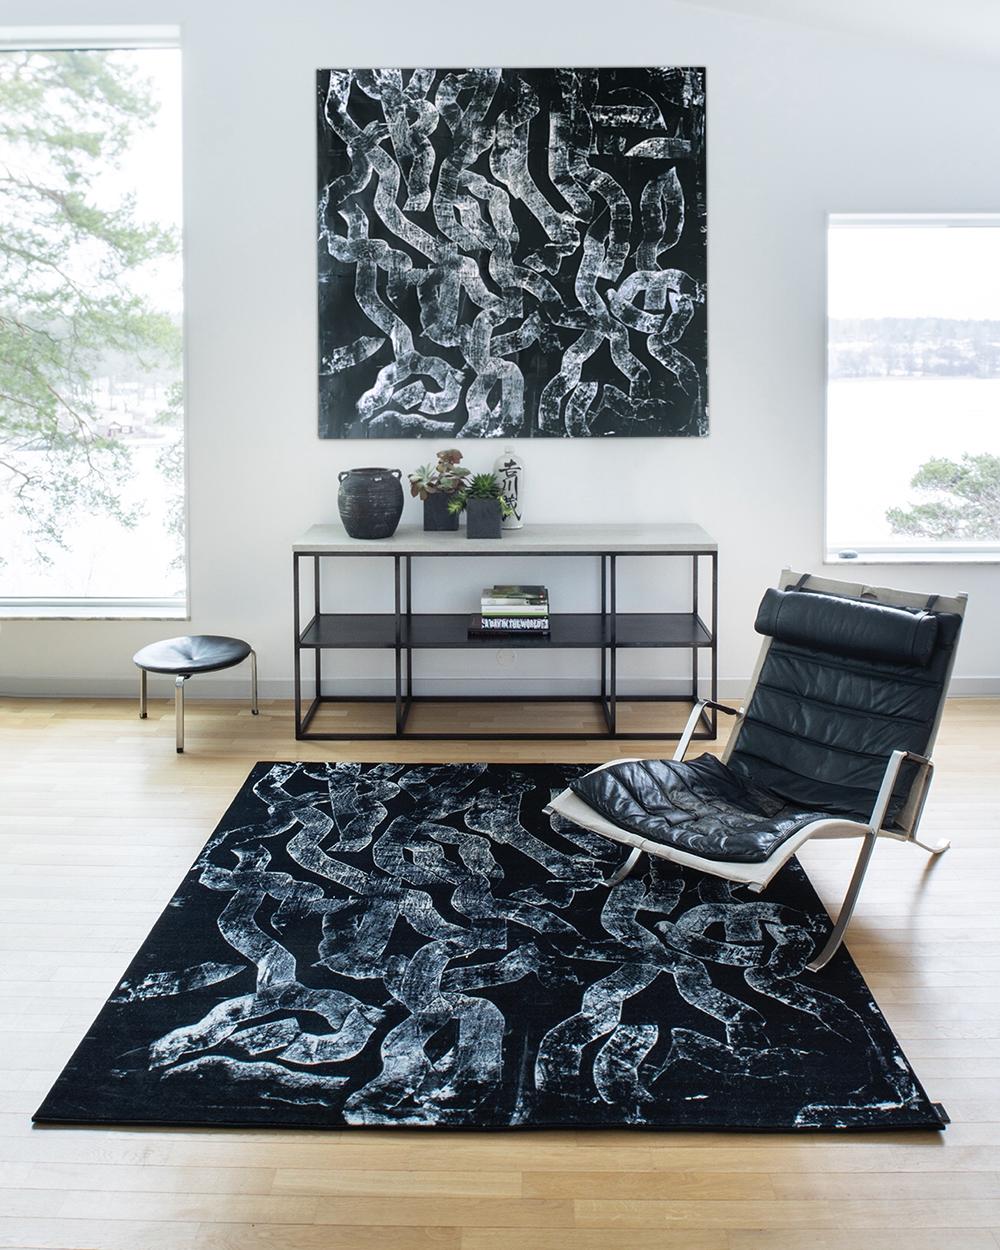 ArtCarpets Maria Boström @MBosArts